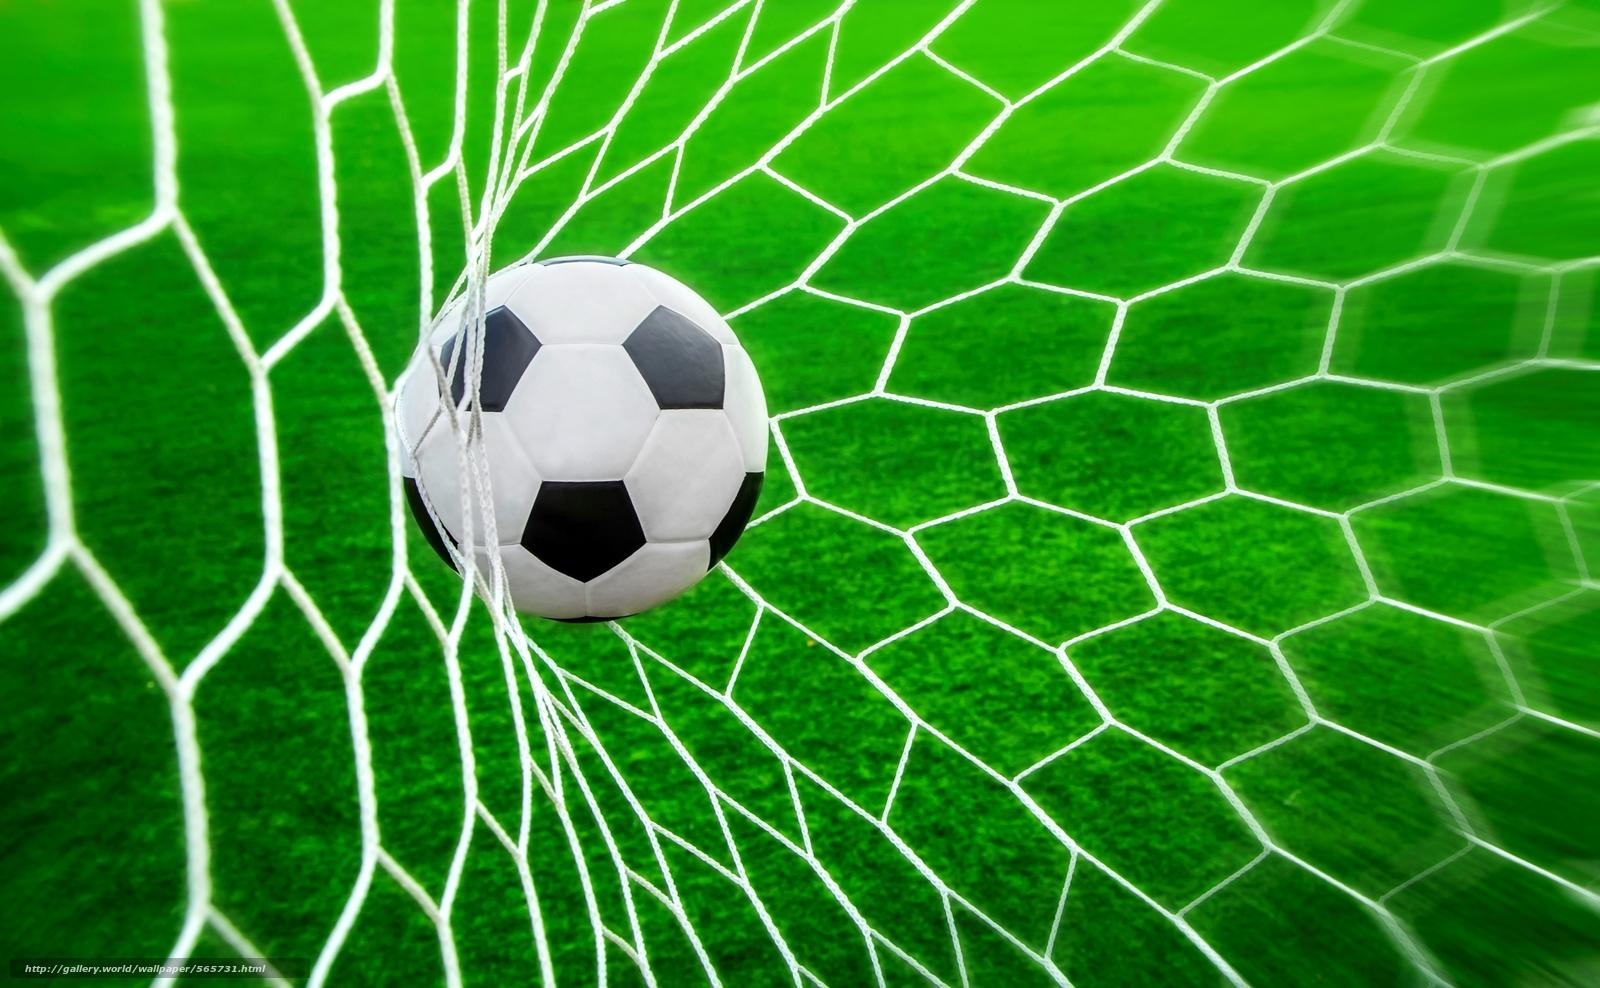 f2df58b01f0d9 Muitos cristãos sinceros me perguntam sobre o futebol. Em outro artigo